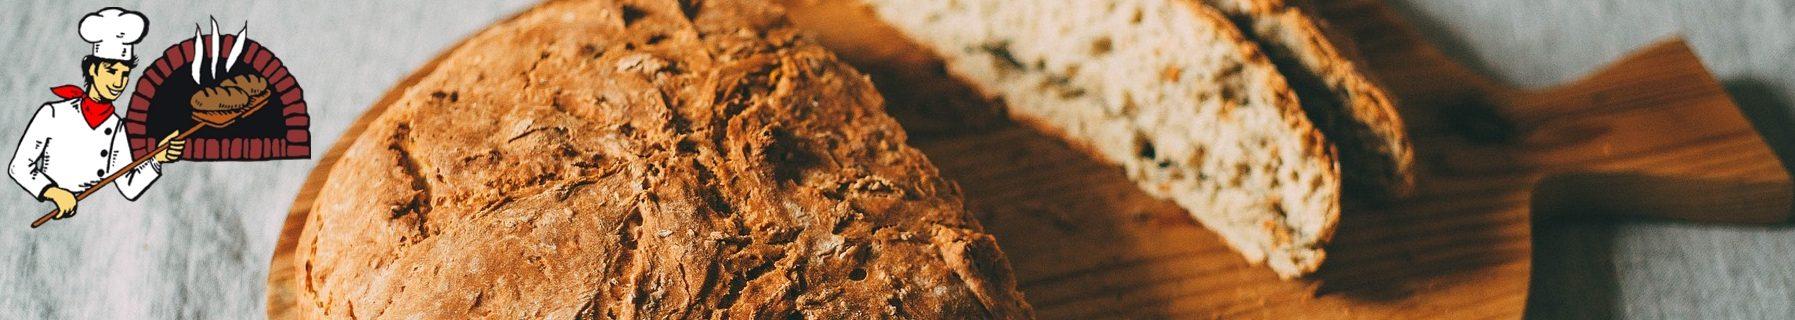 Bäckerei Elmar Klein GmbH